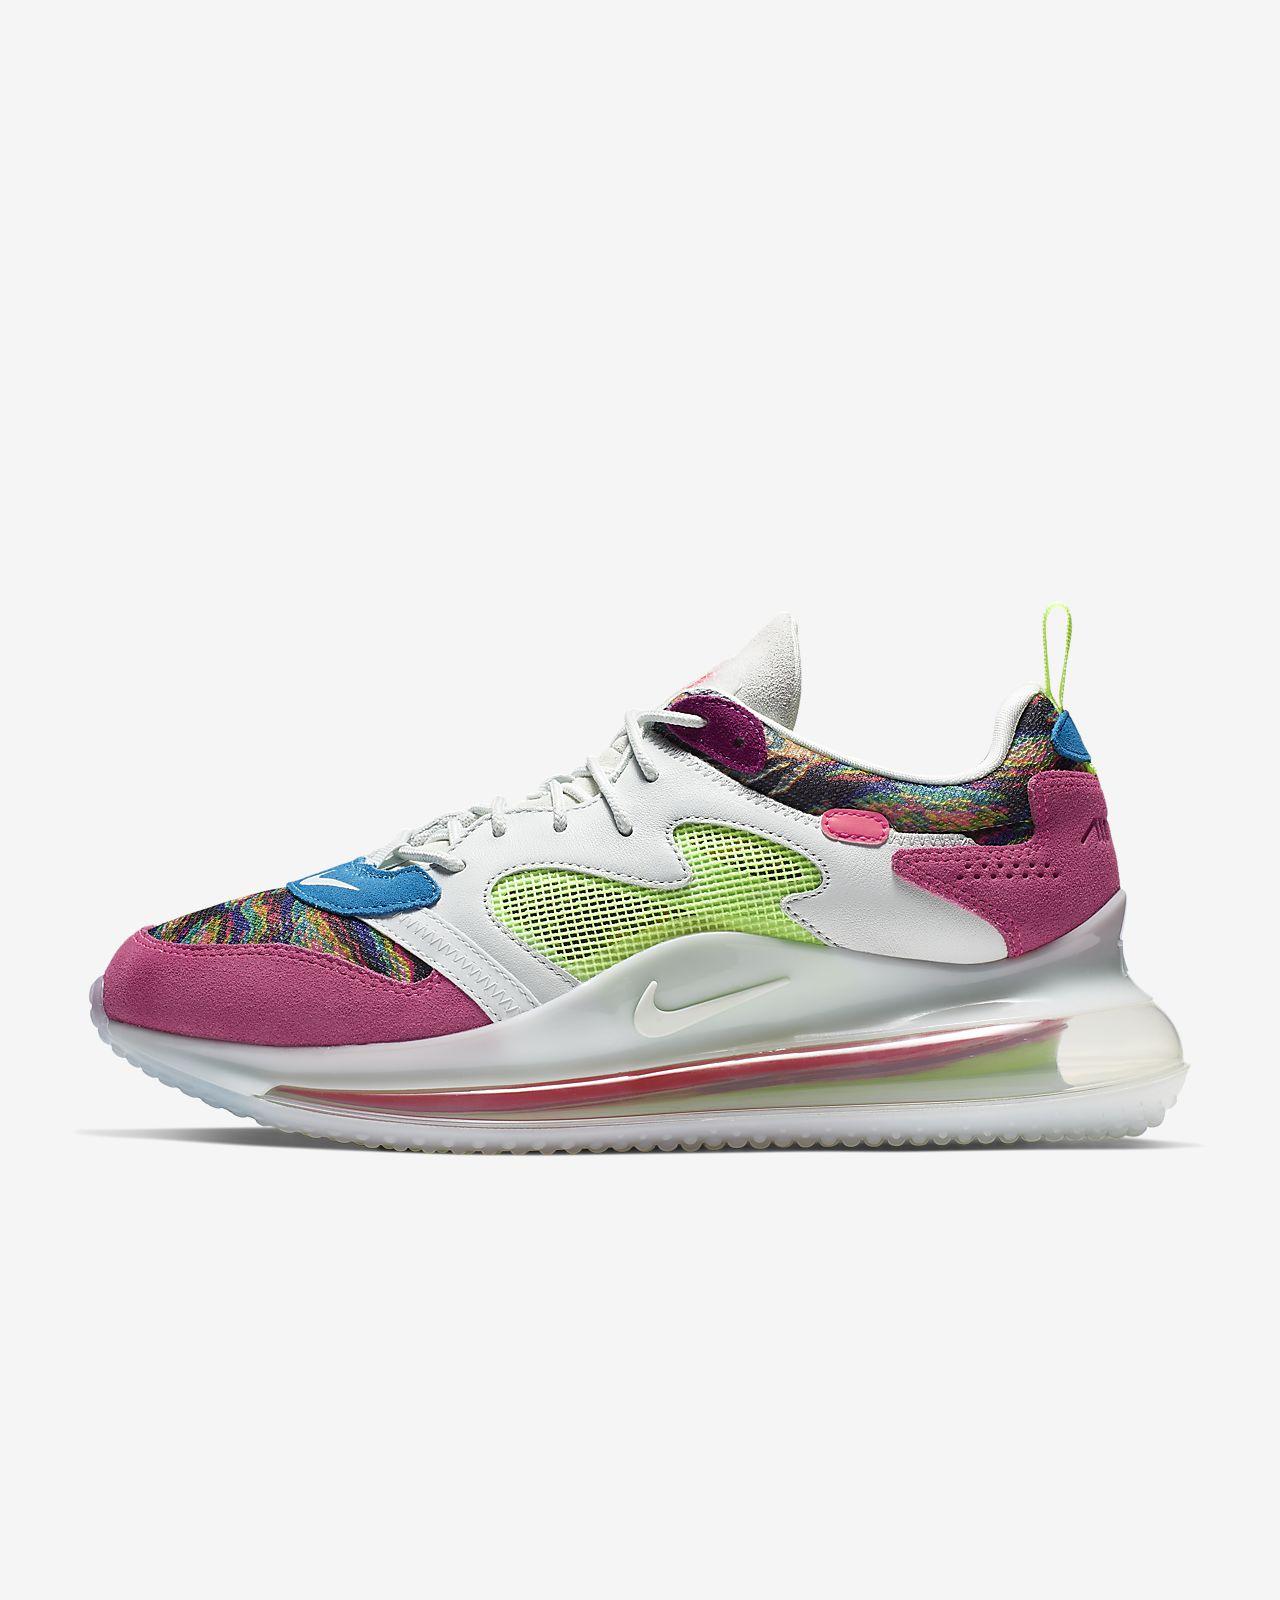 Nike Air Max 720 (OBJ) 男款跑鞋